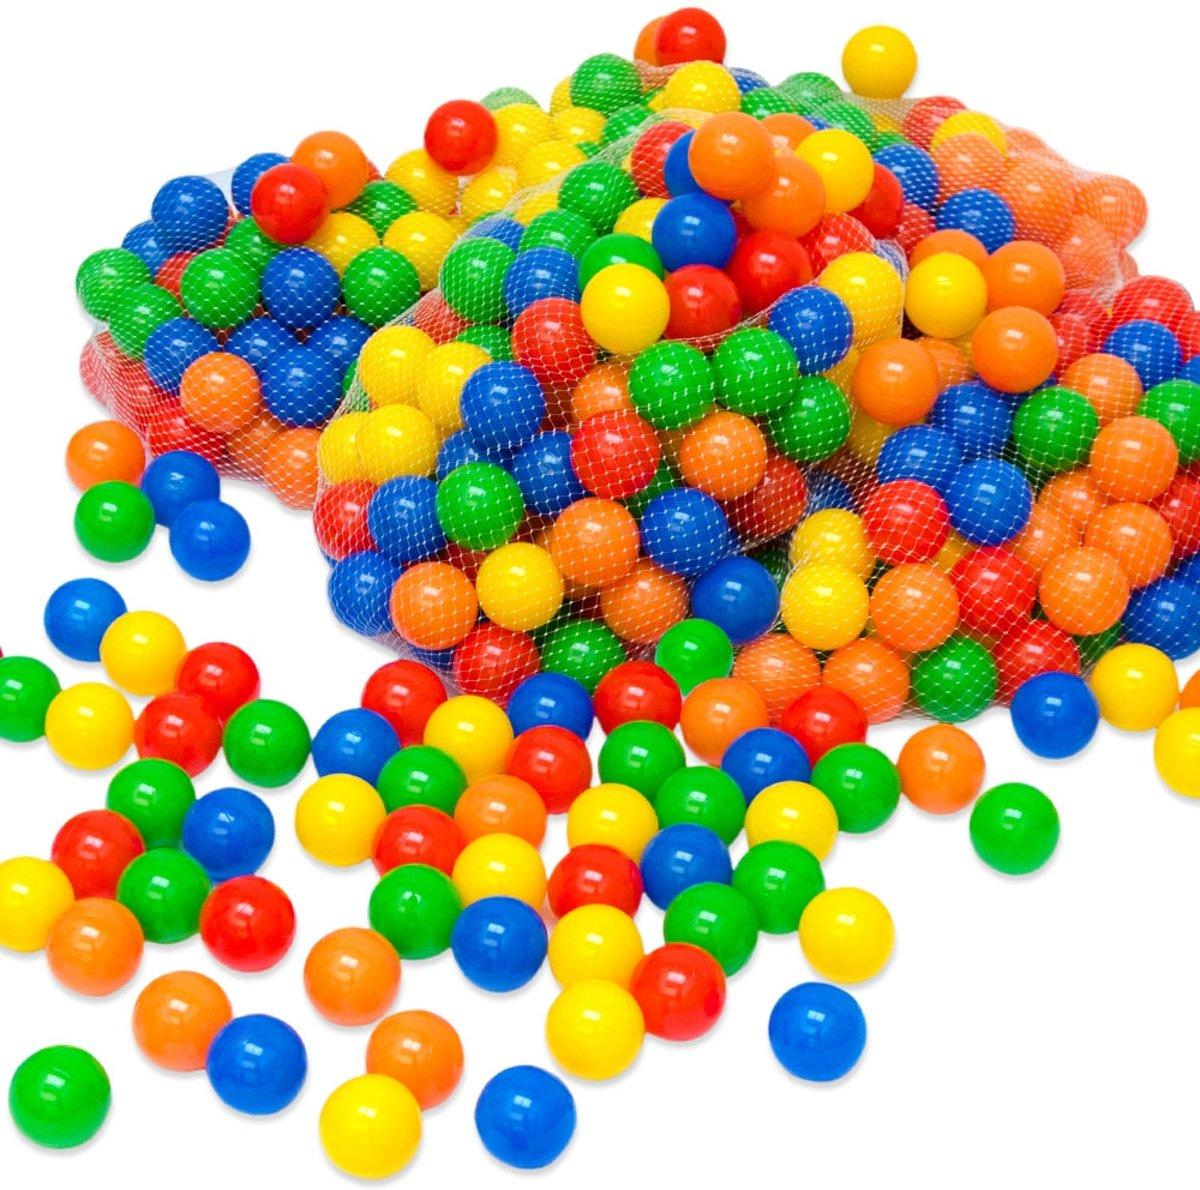 450 Kleurrijke ballenbadballen 5,5cm   plastic ballen kinderballen babyballen   kinderen baby puppy